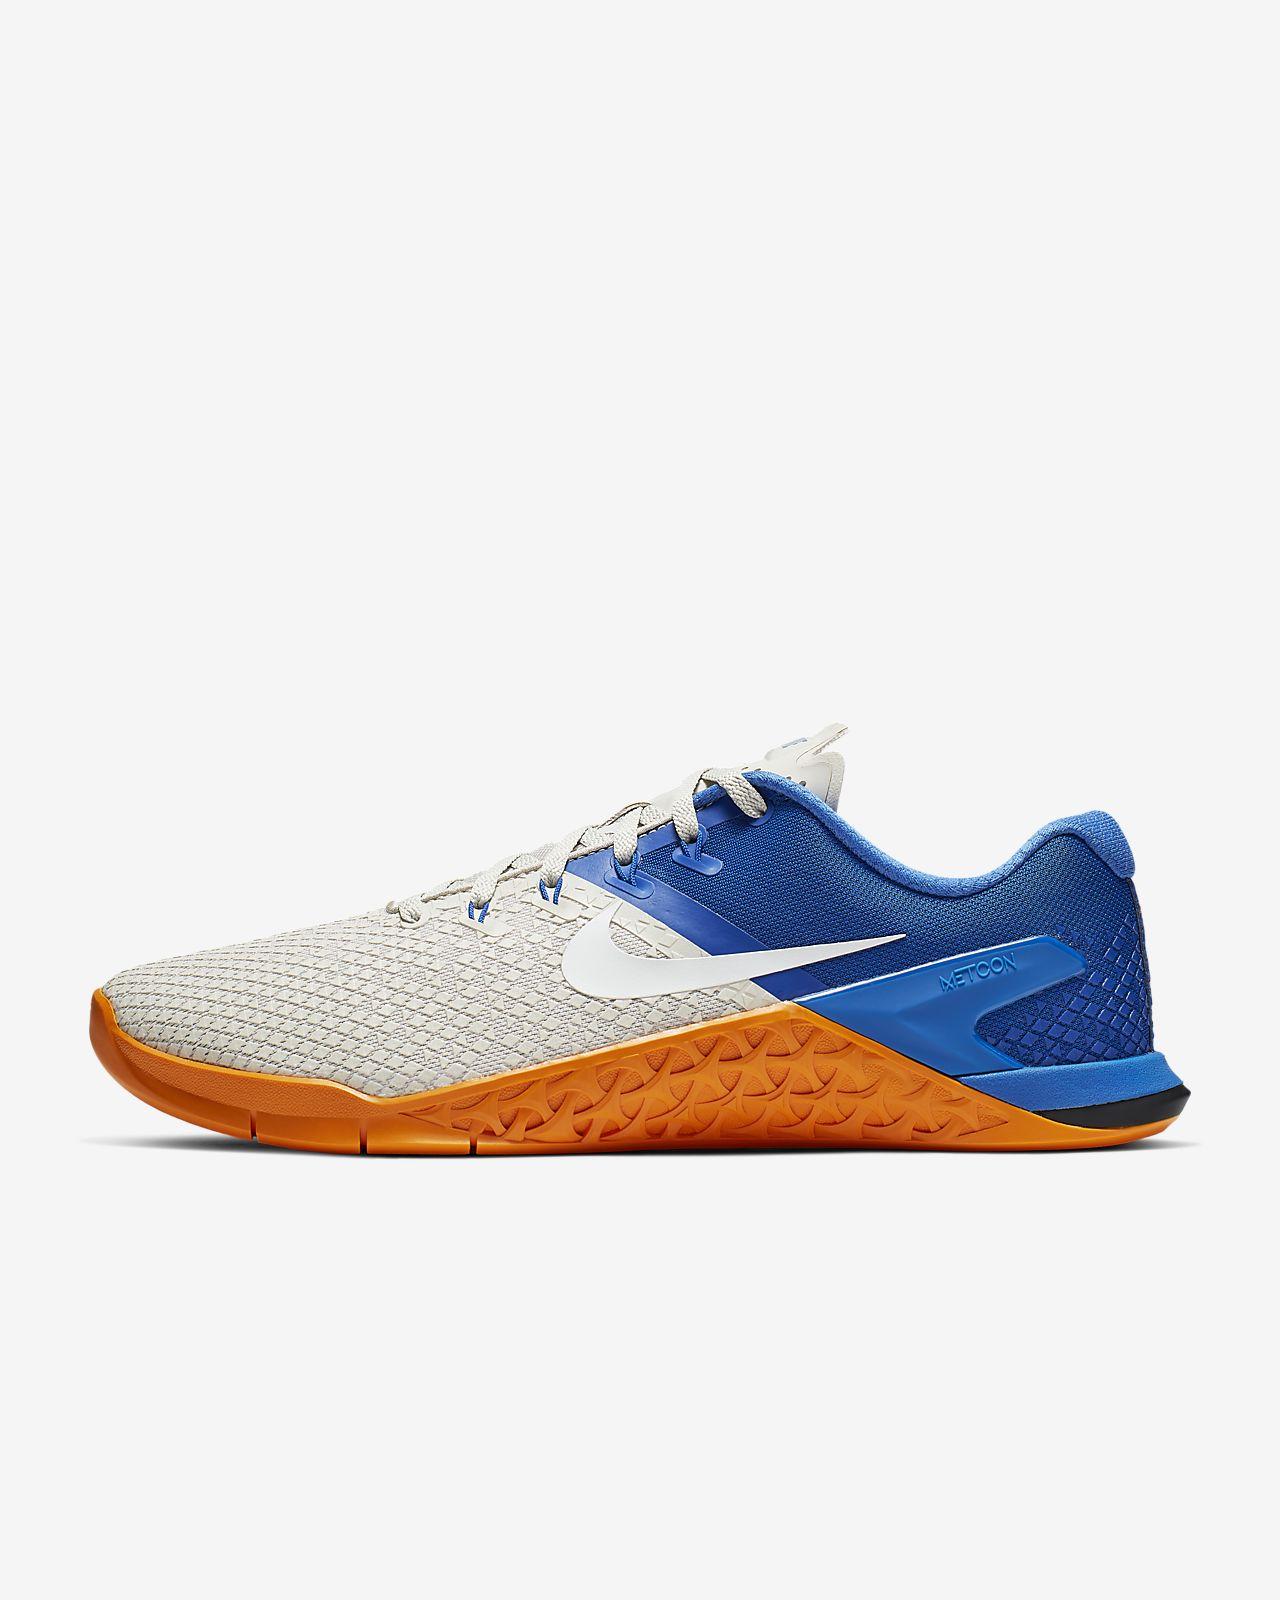 new arrival b23ca 06f06 Nike Metcon 4 XD-træningssko til mænd. Nike.com DK